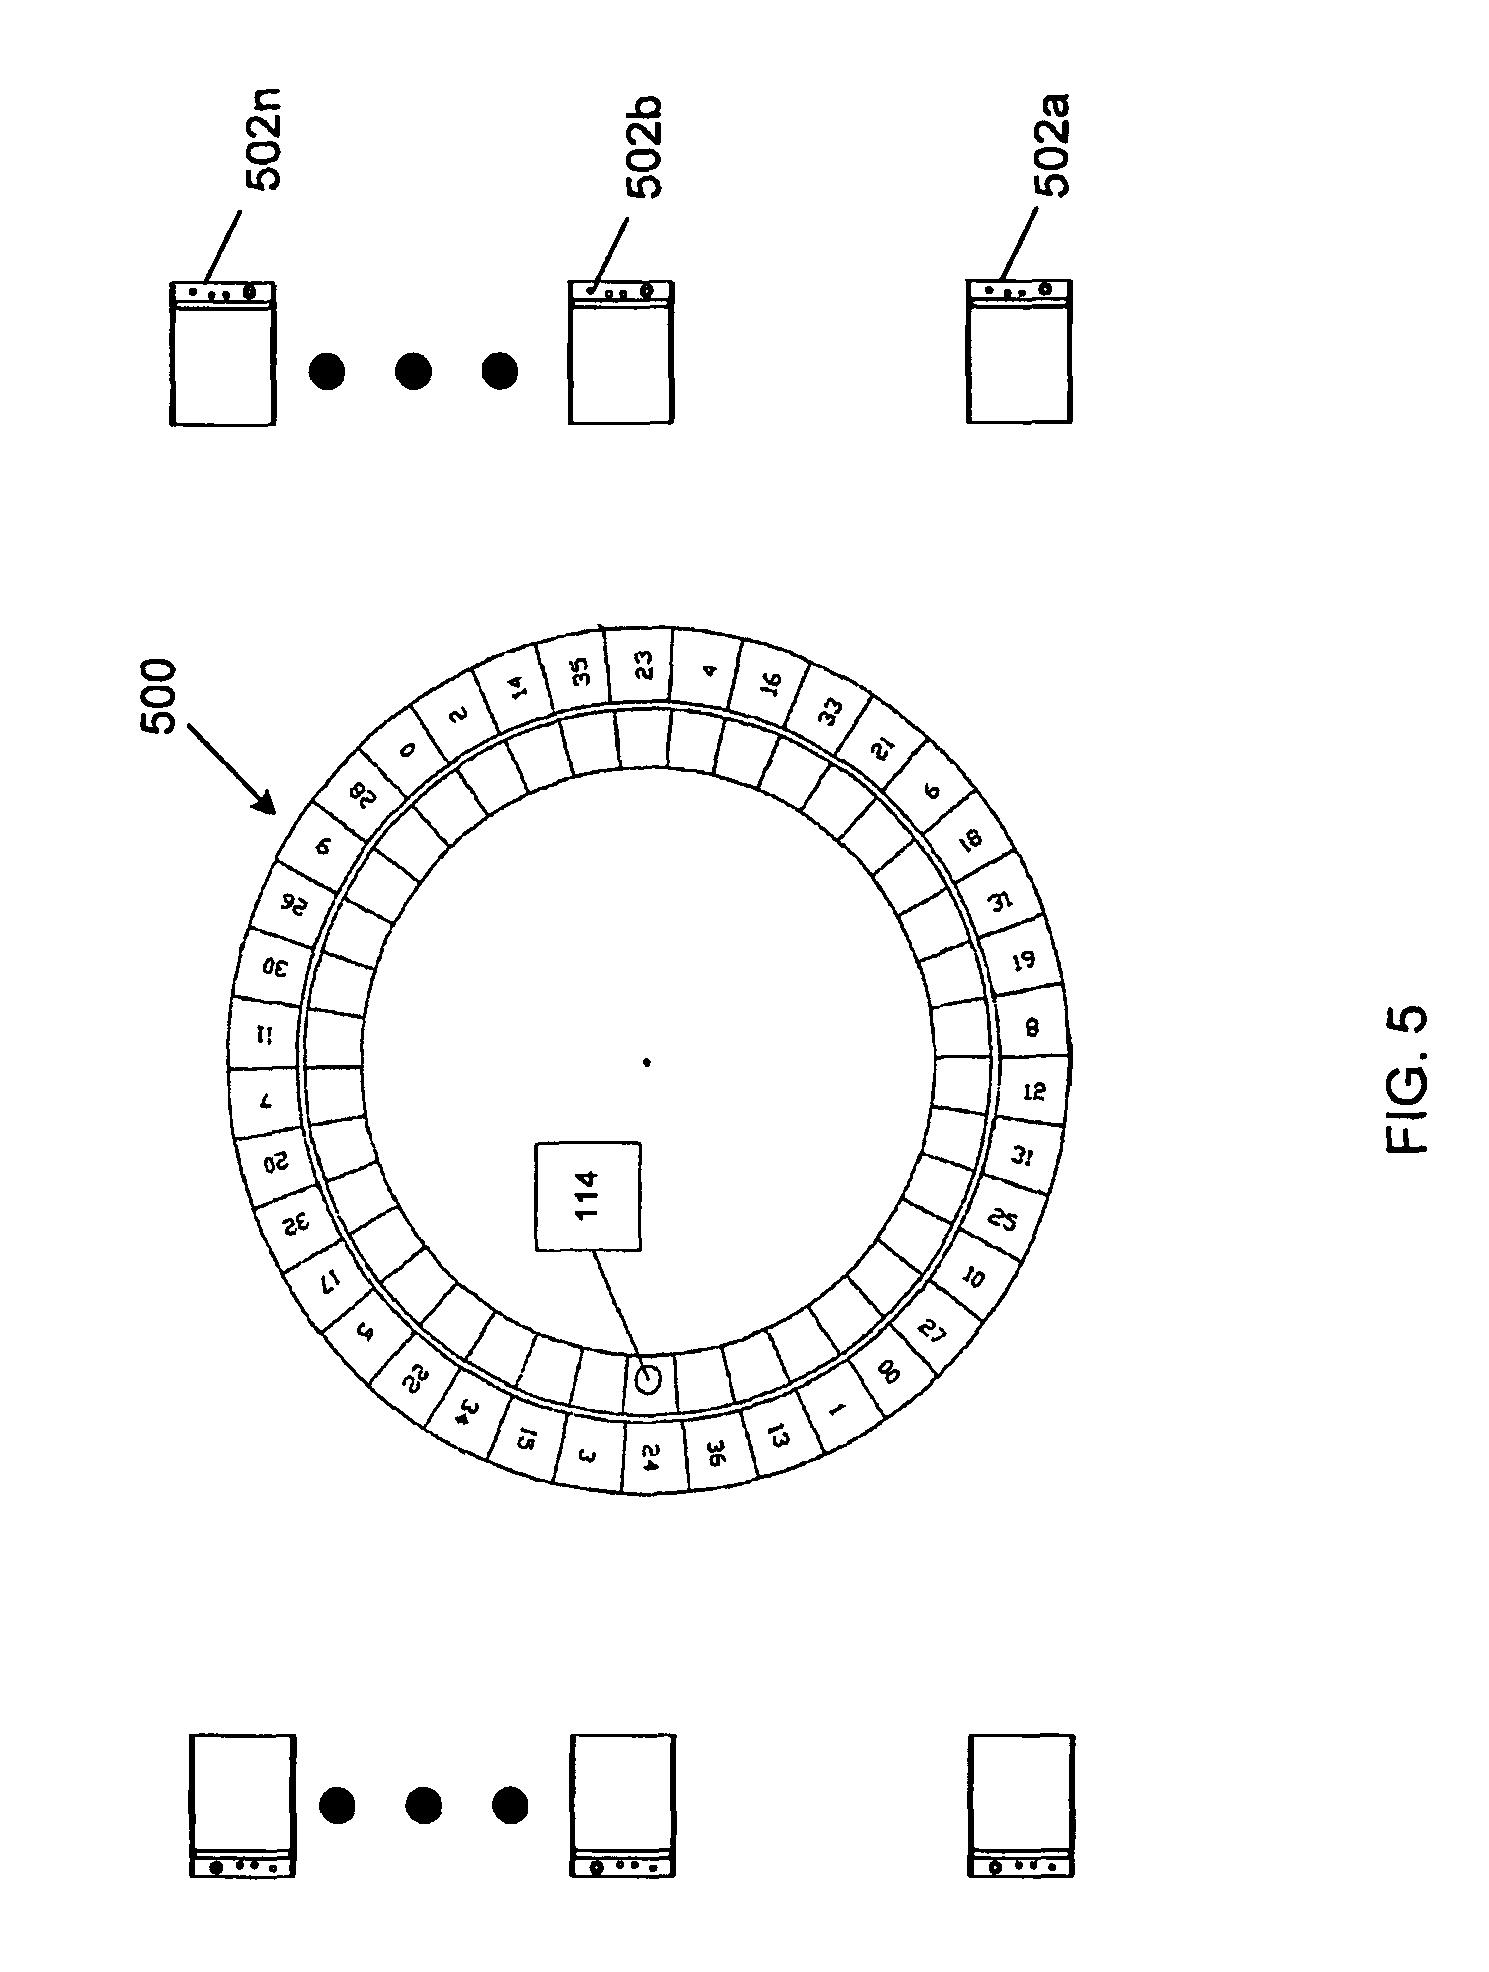 roulette wheel generator